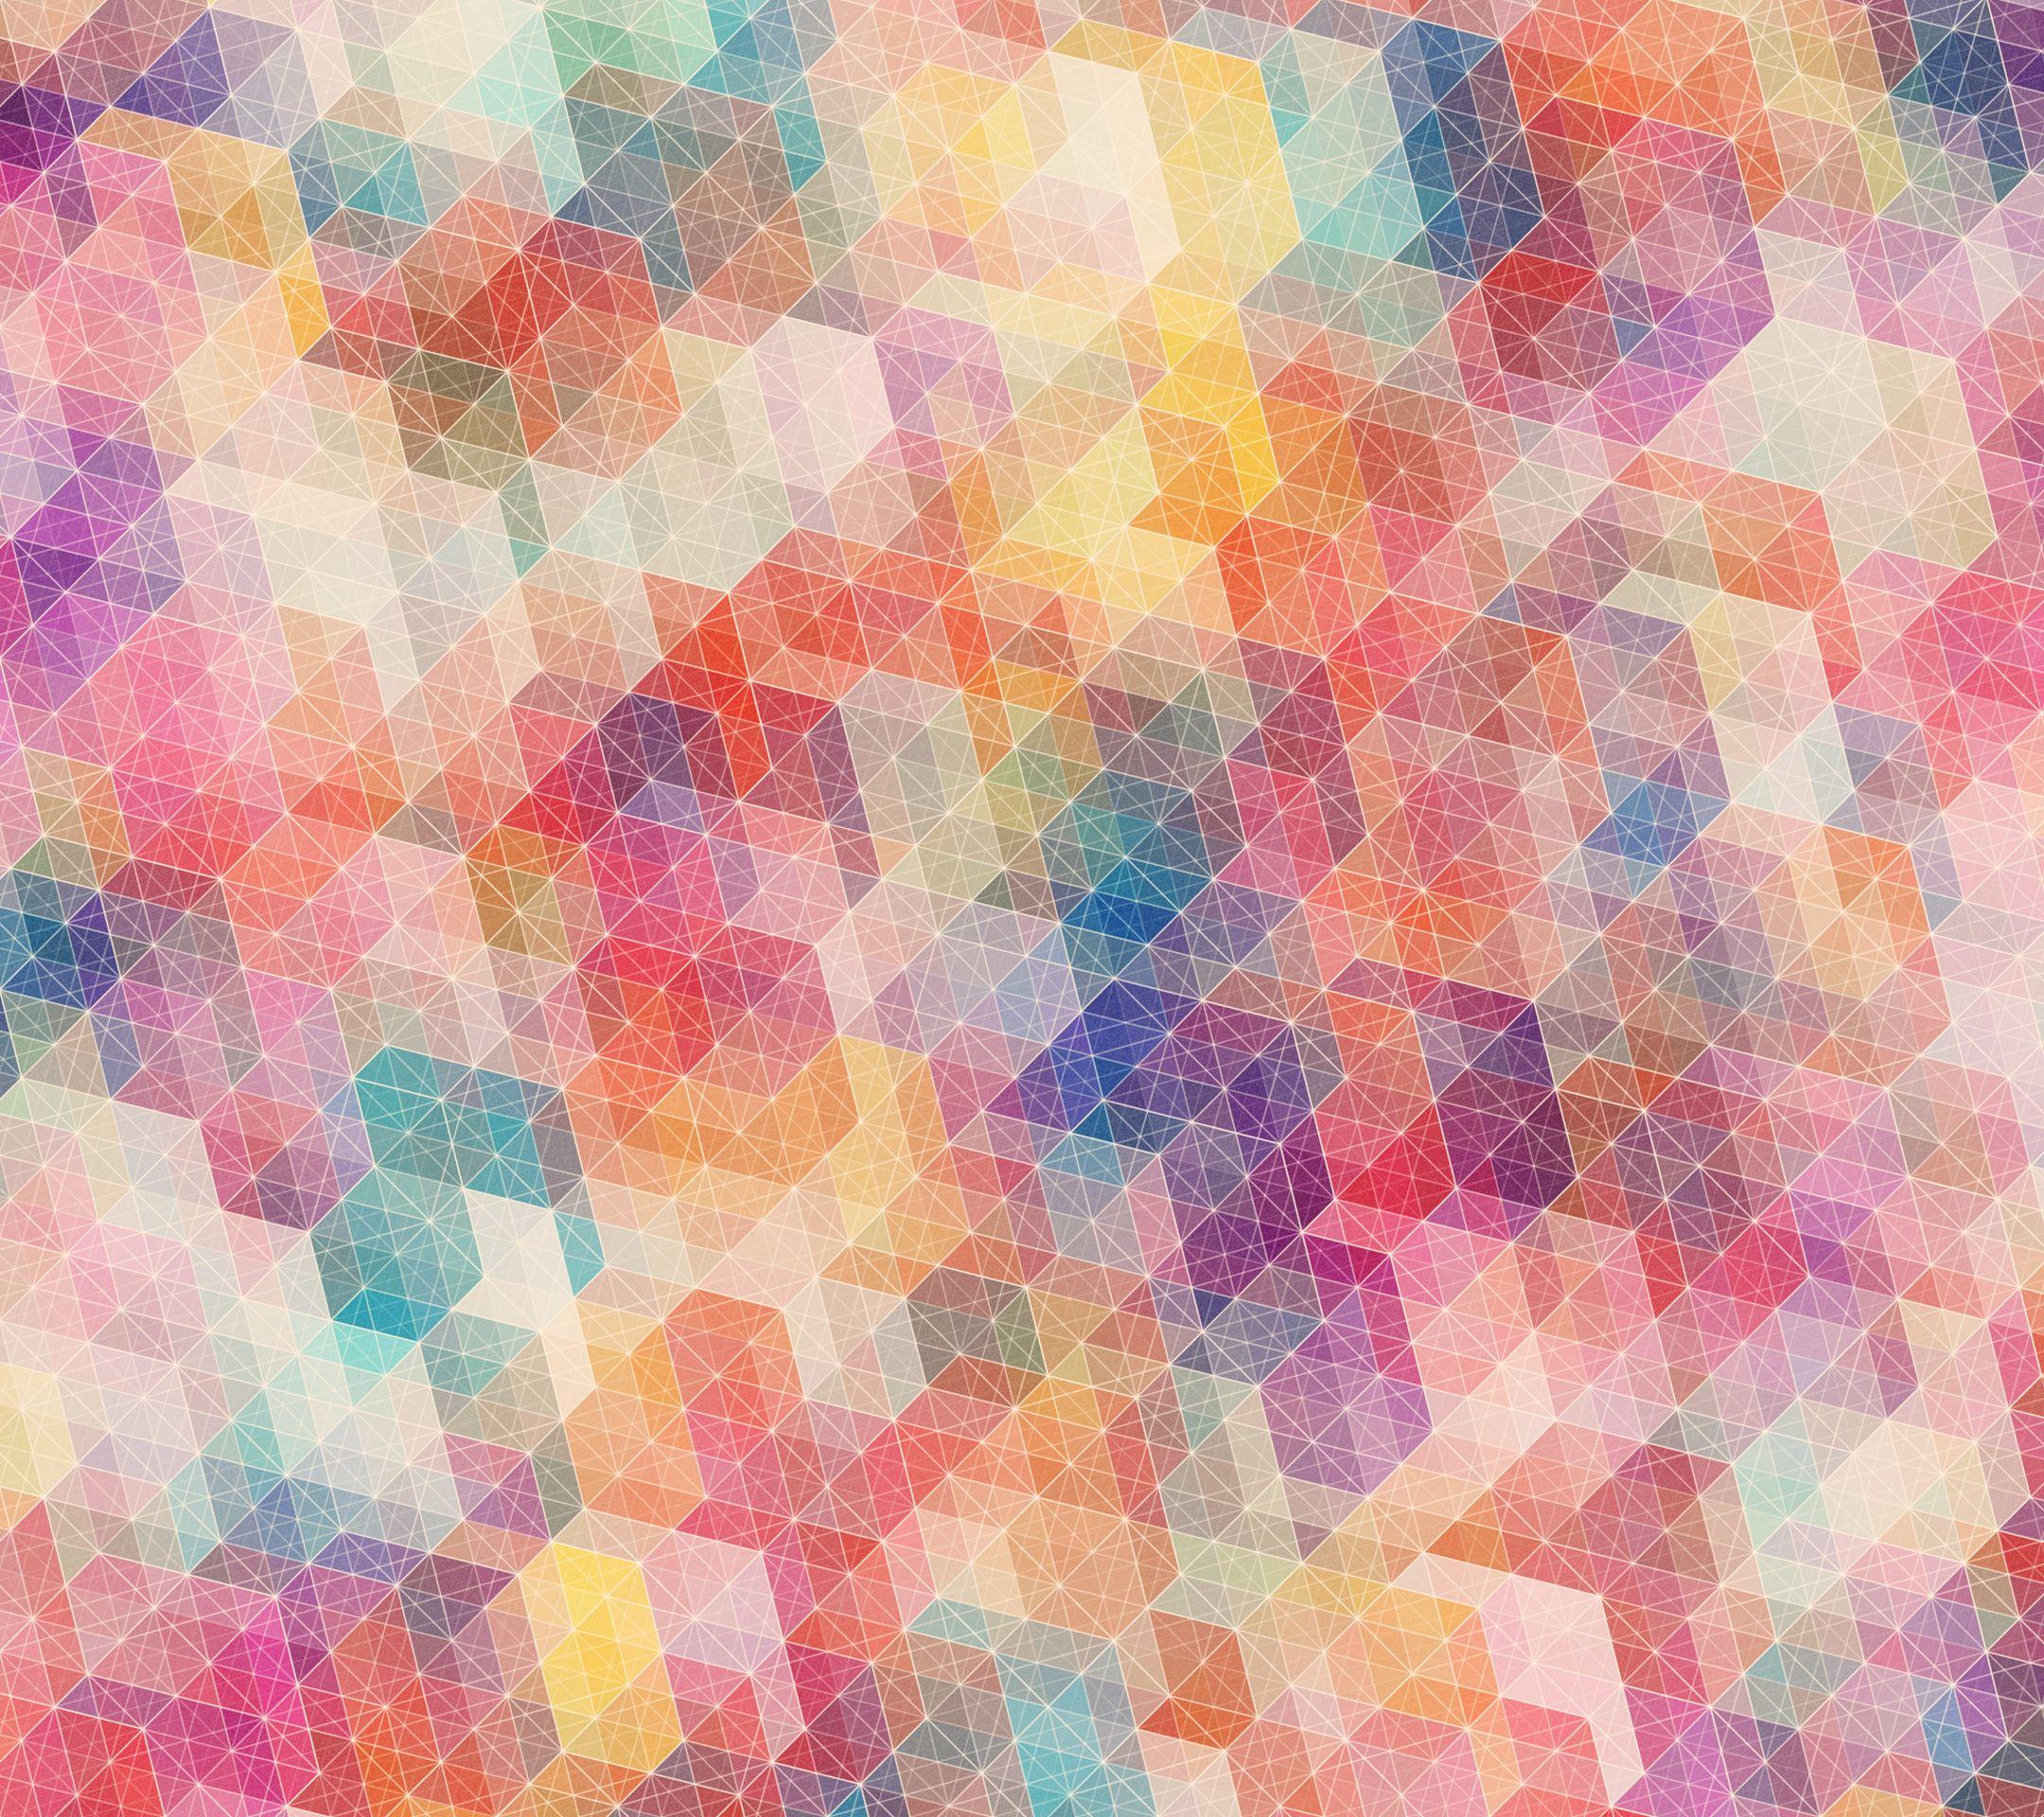 galaxy background patterns - photo #17